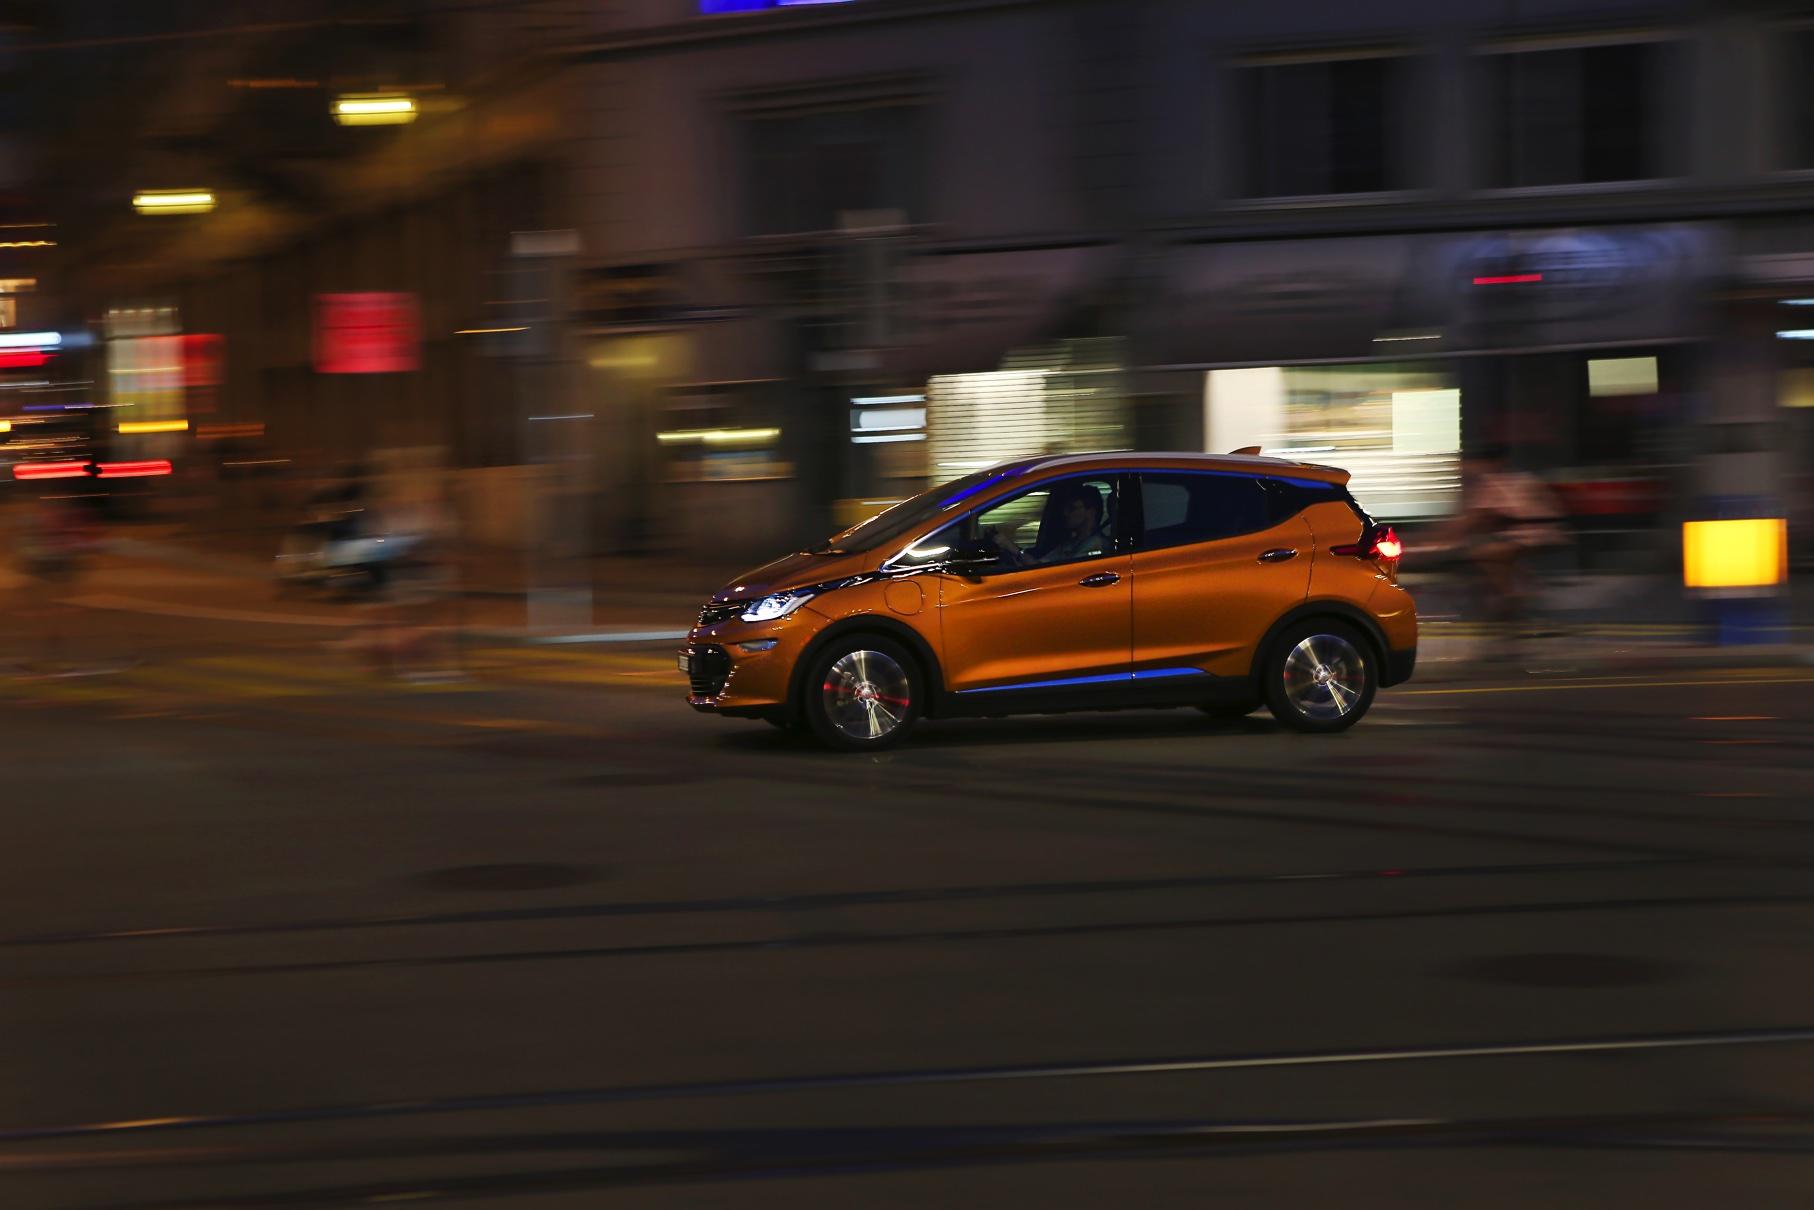 Kuckucksauto: Opel Ampera-e